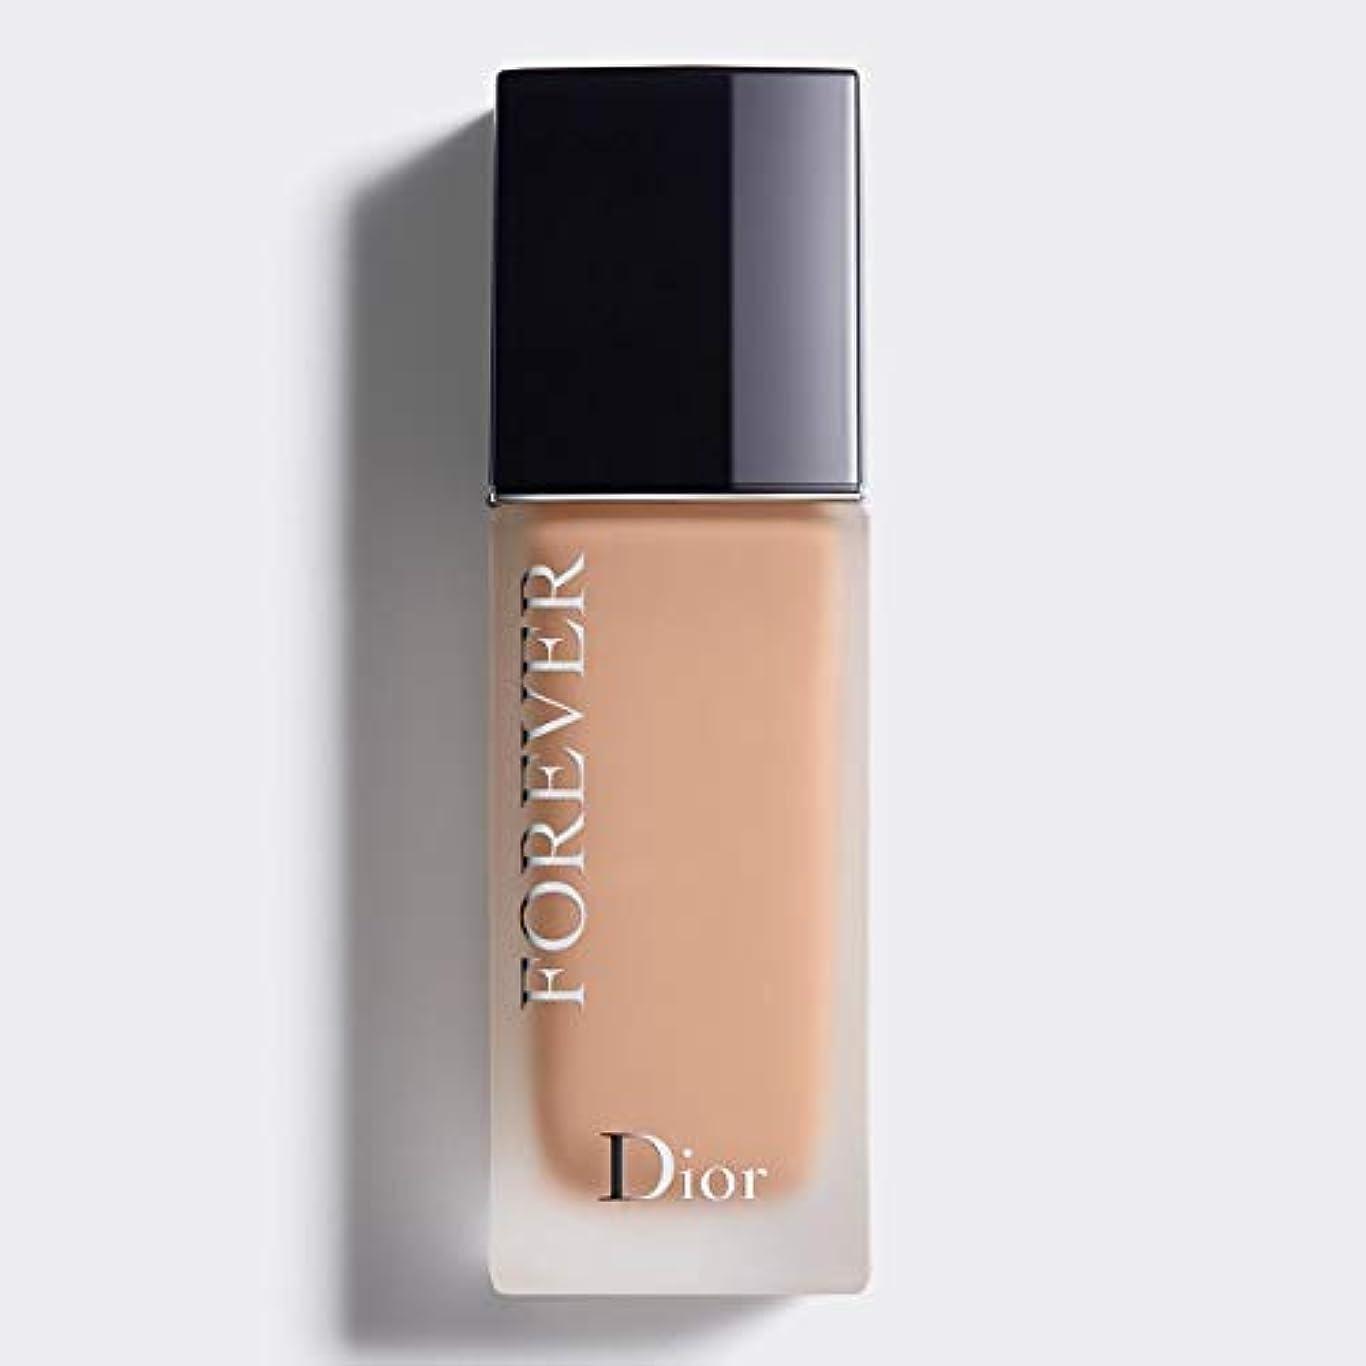 再生自動するクリスチャンディオール Dior Forever 24H Wear High Perfection Foundation SPF 35 - # 3CR (Cool Rosy) 30ml/1oz並行輸入品